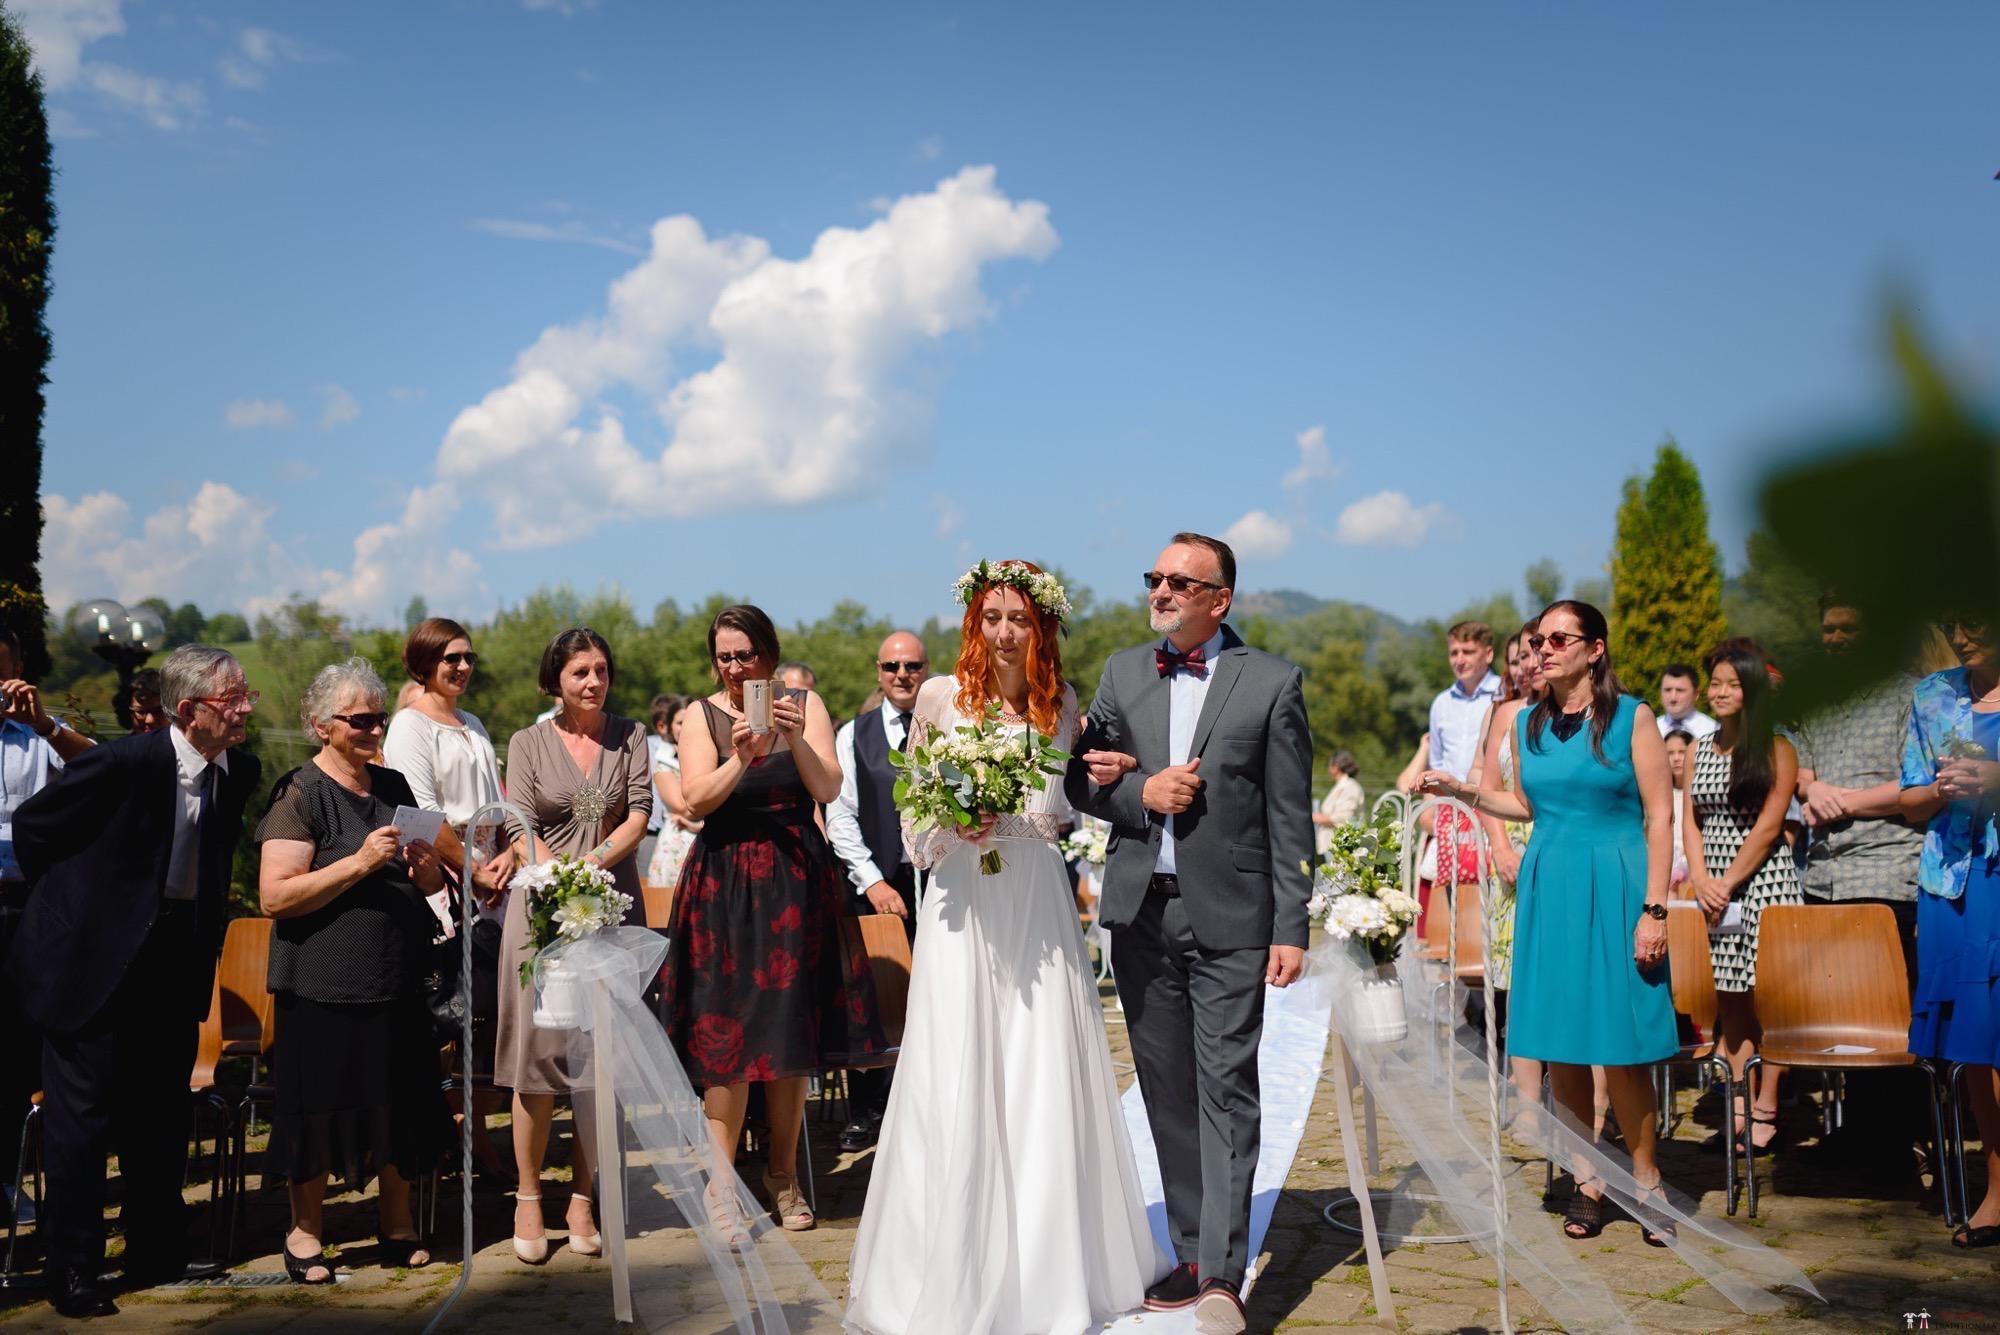 Povești Nunți Tradiționale - Aurelian și Sonia. Nuntă tradițională în Câmpulung Moldovenesc 10